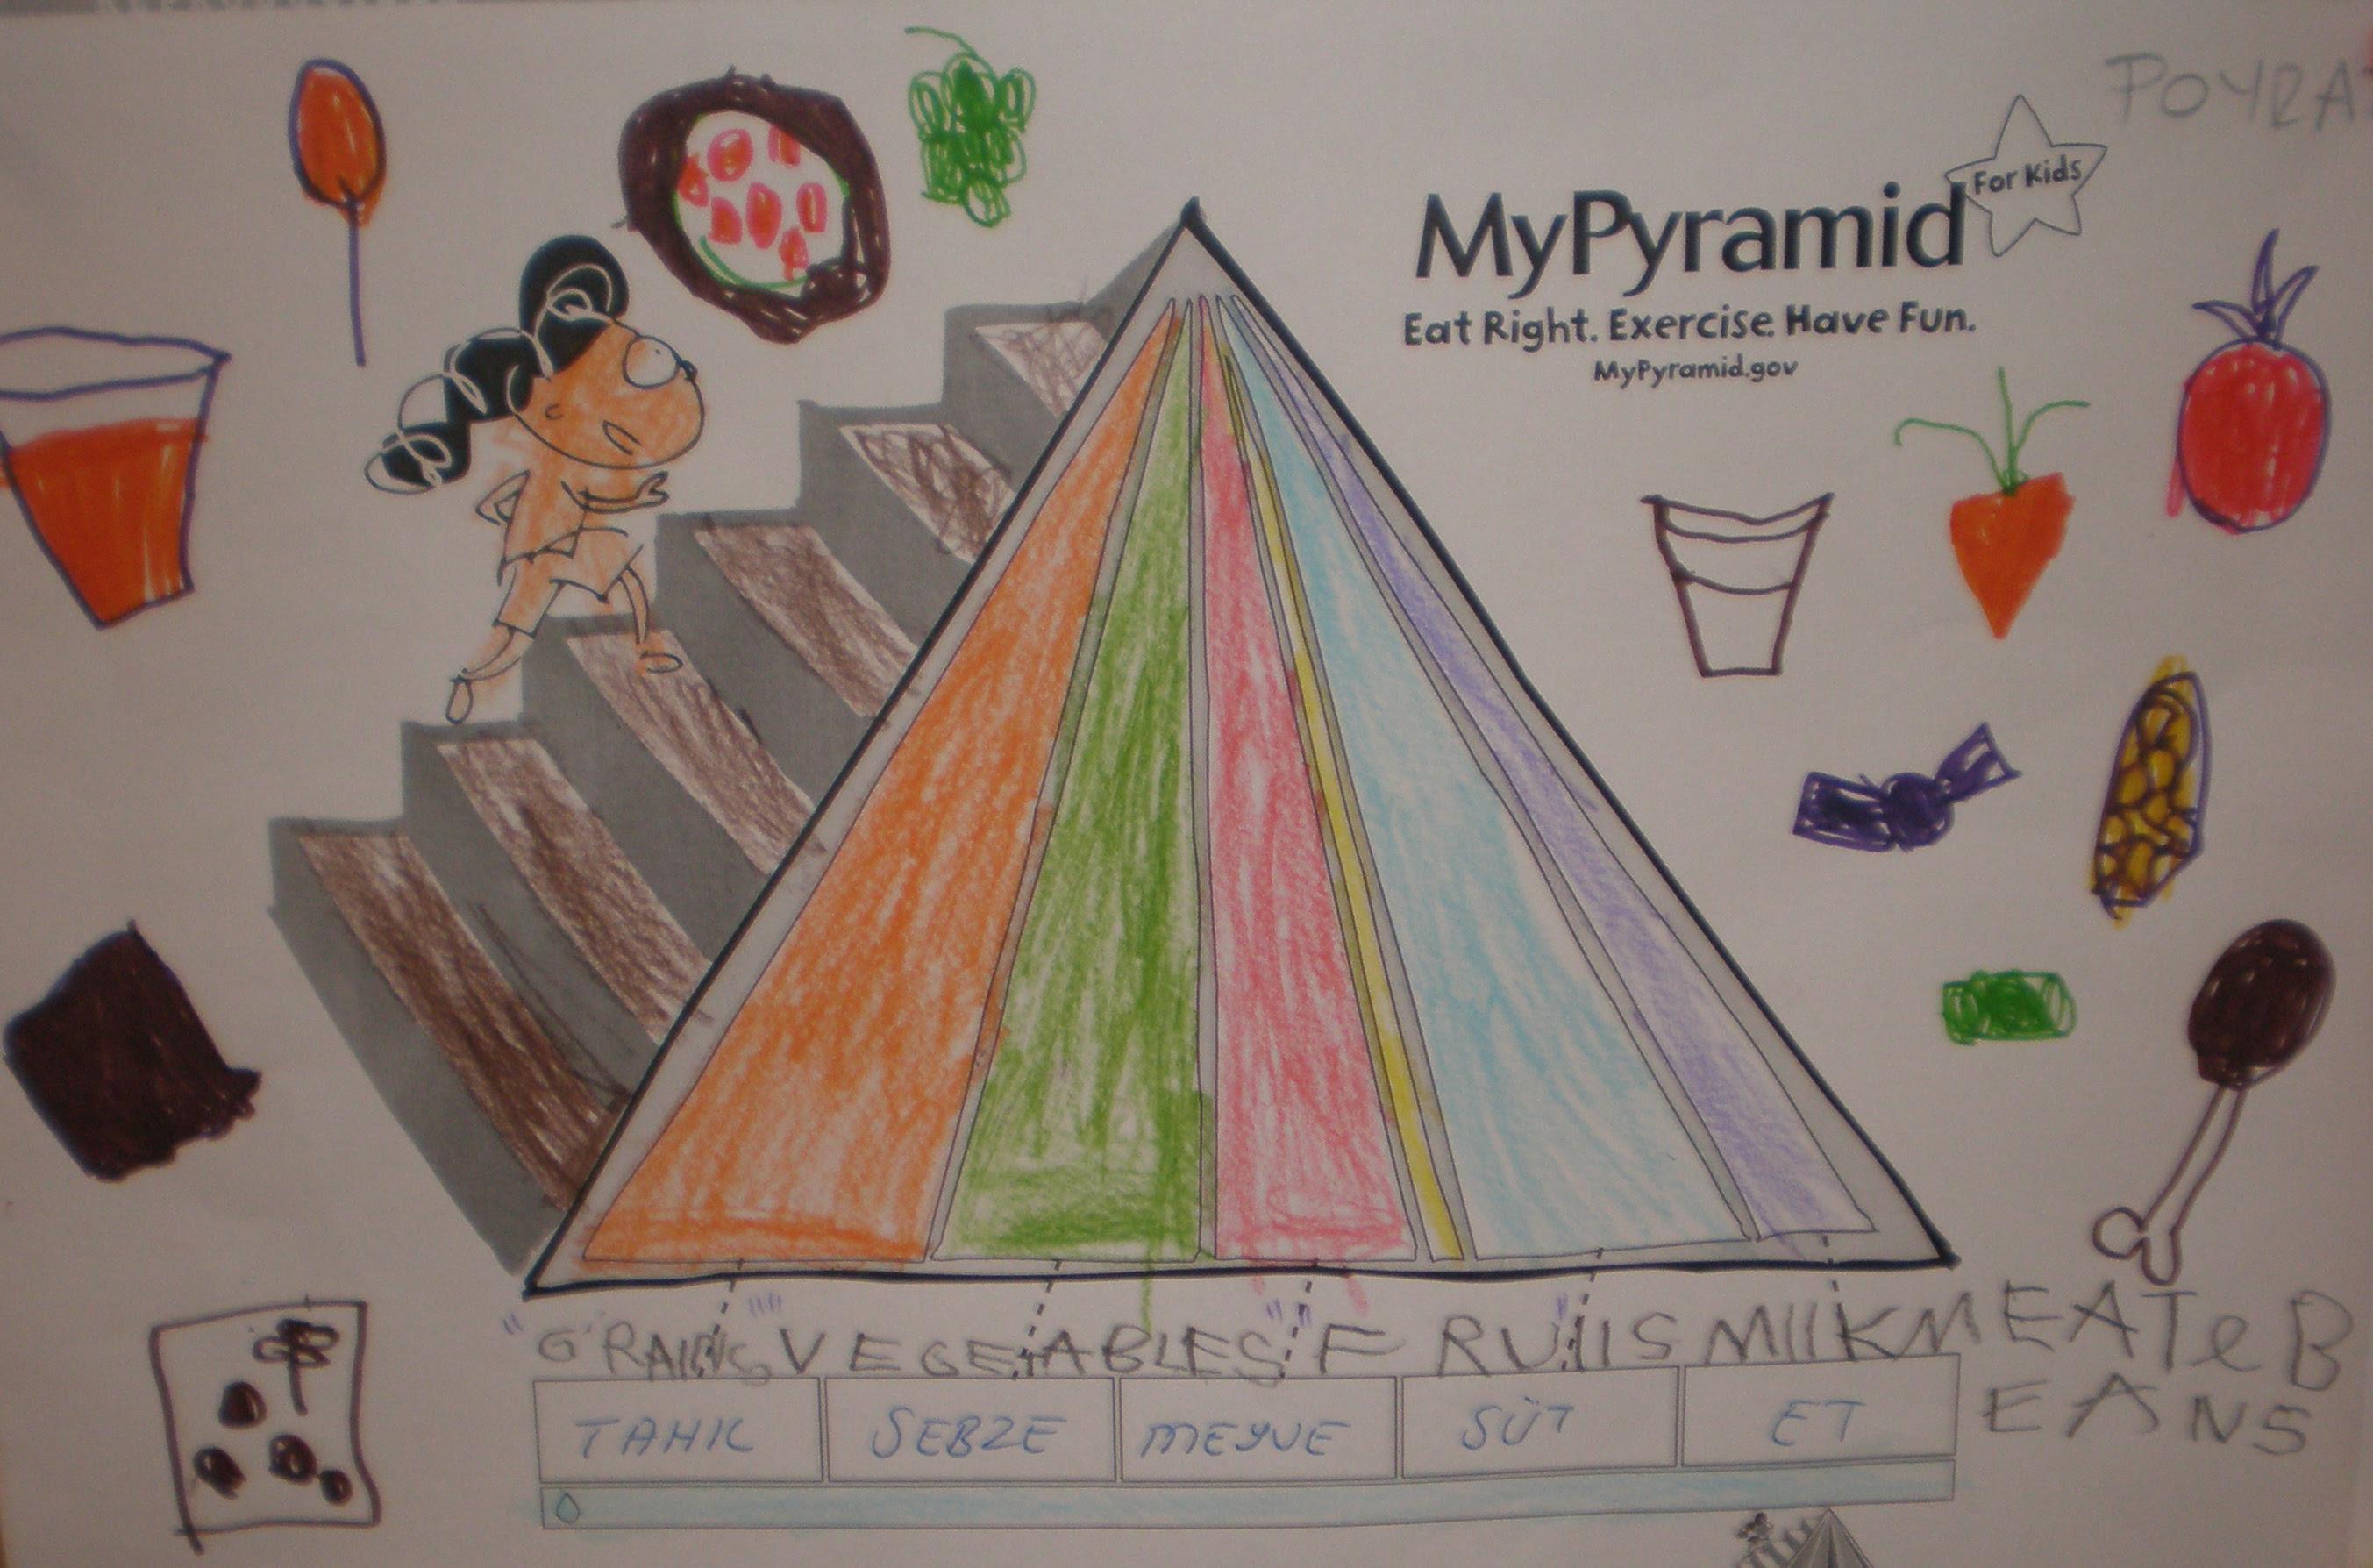 Beslenme Piramidi Okul öncesi Eğitiminet